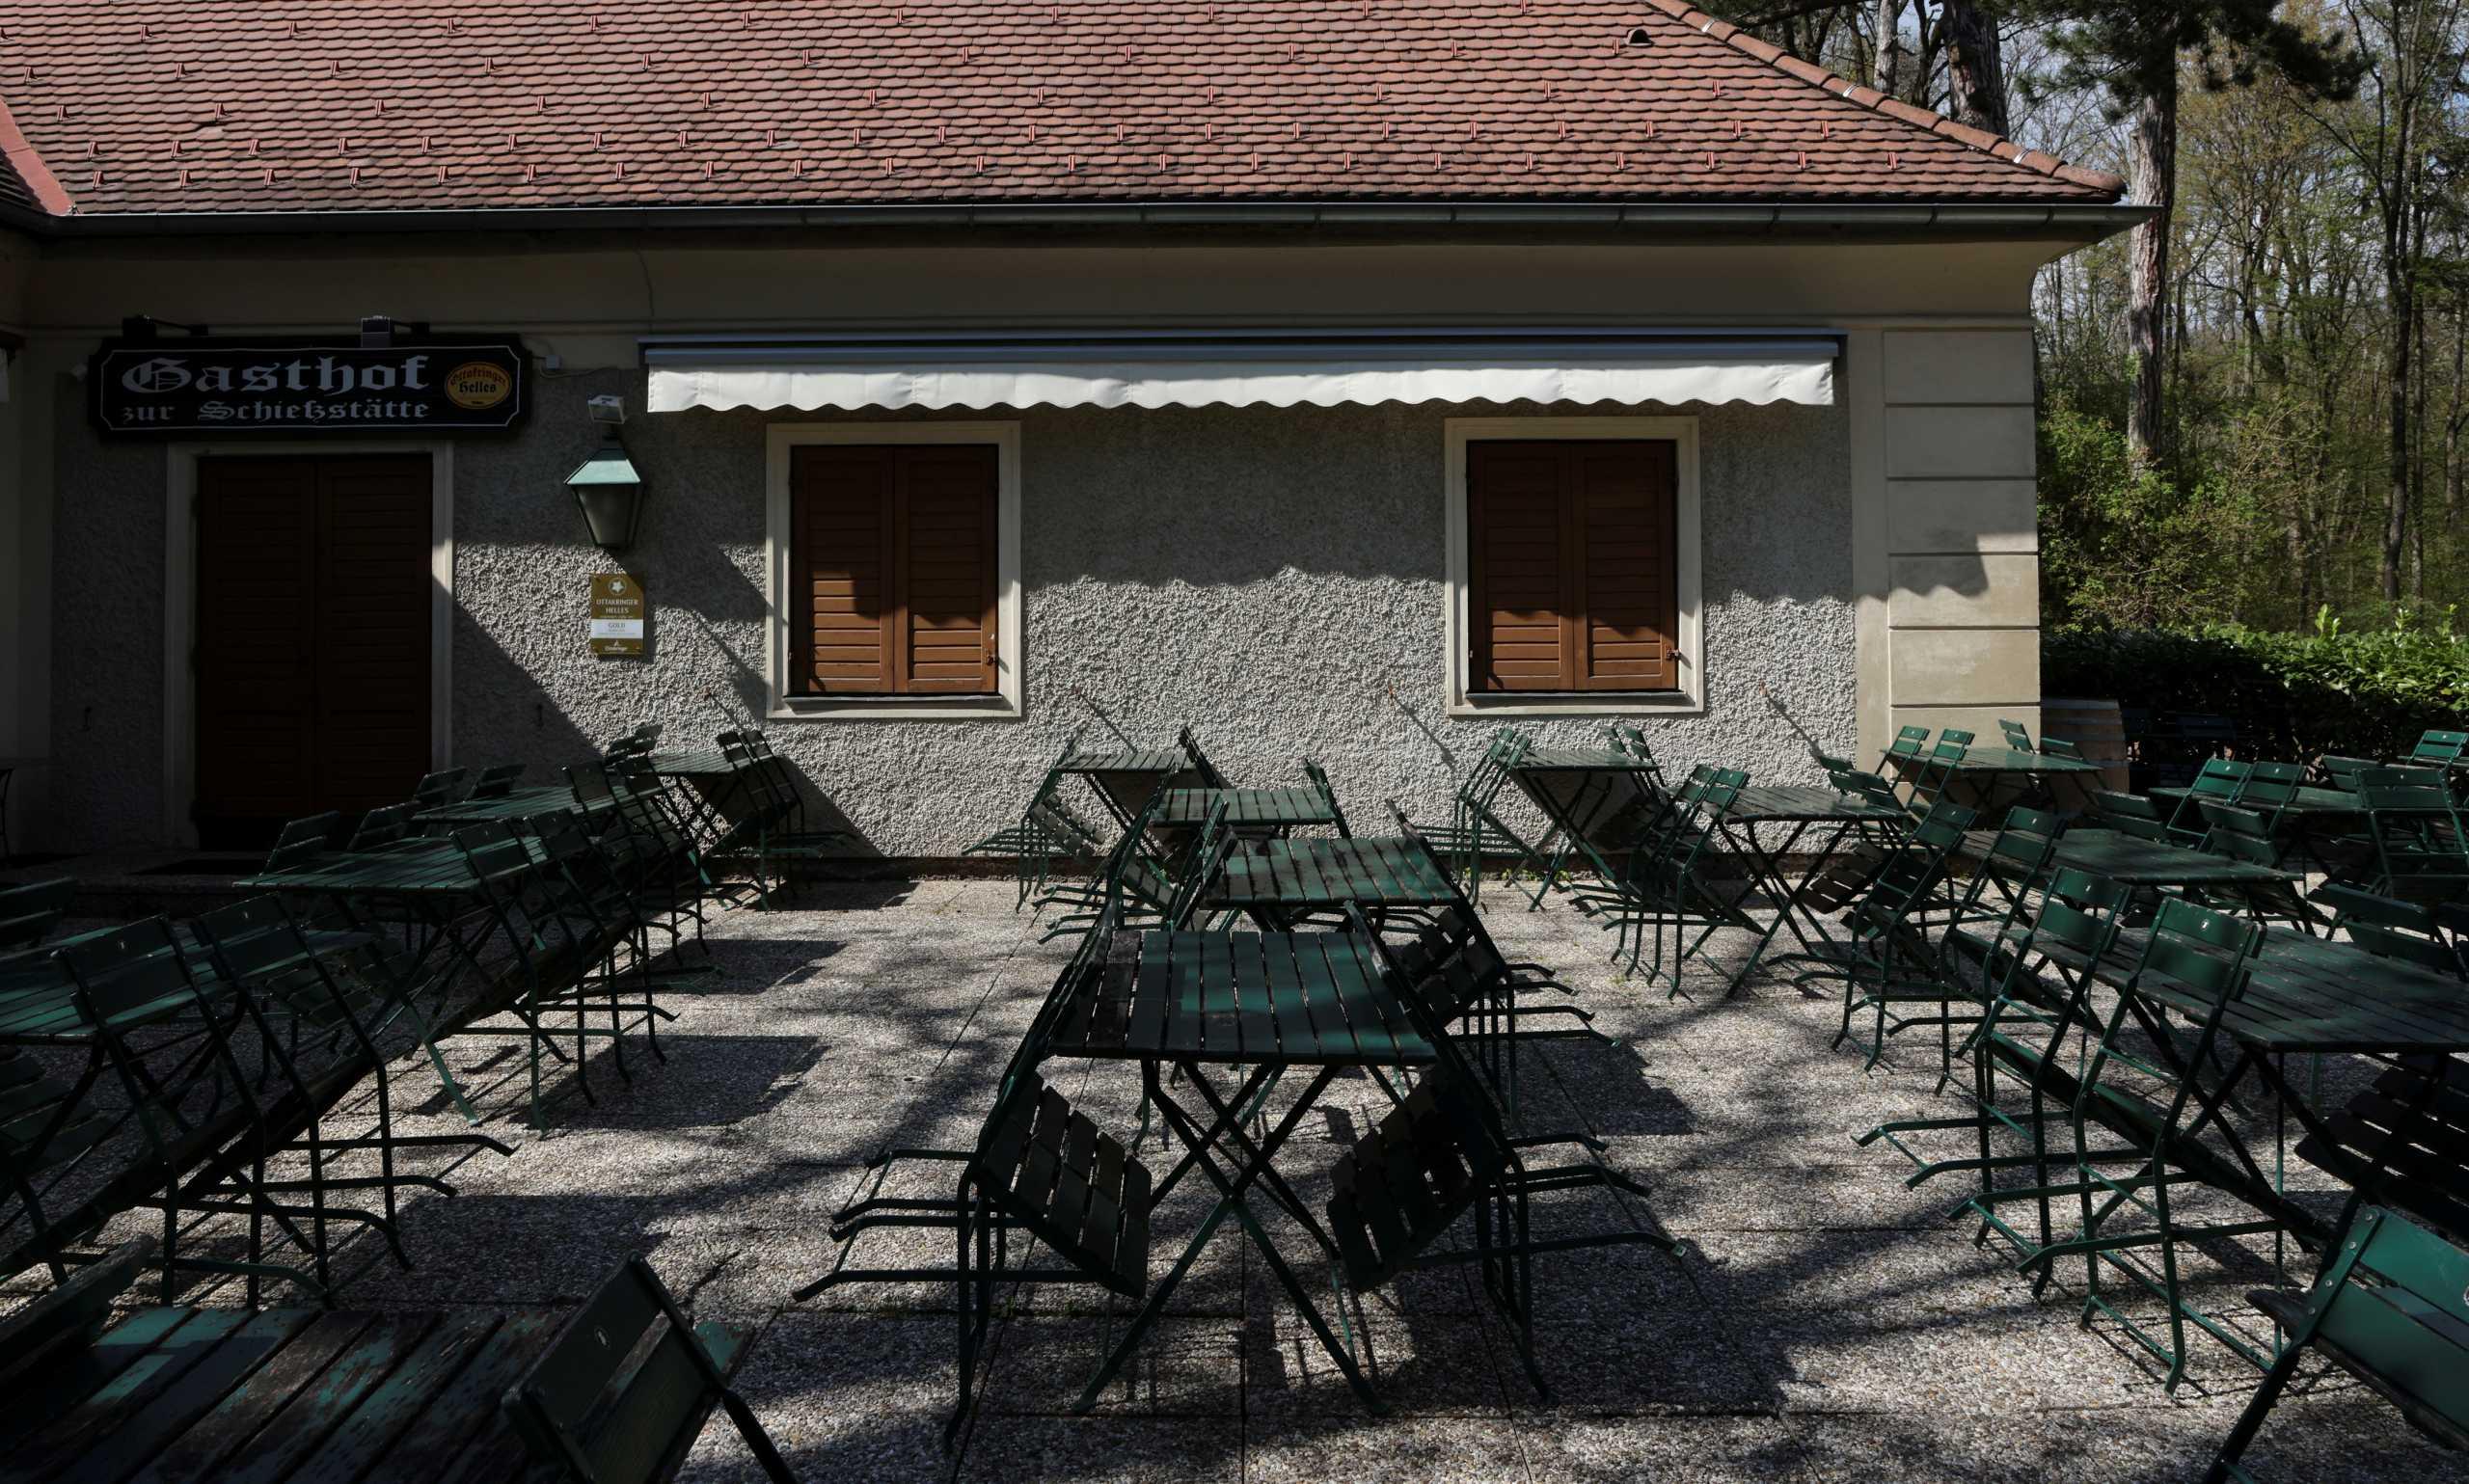 Ο κορονοϊός «κόστισε» μέχρι τώρα στην Αυστρία πάνω από 100 εκατομμύρια διανυκτερεύσεις